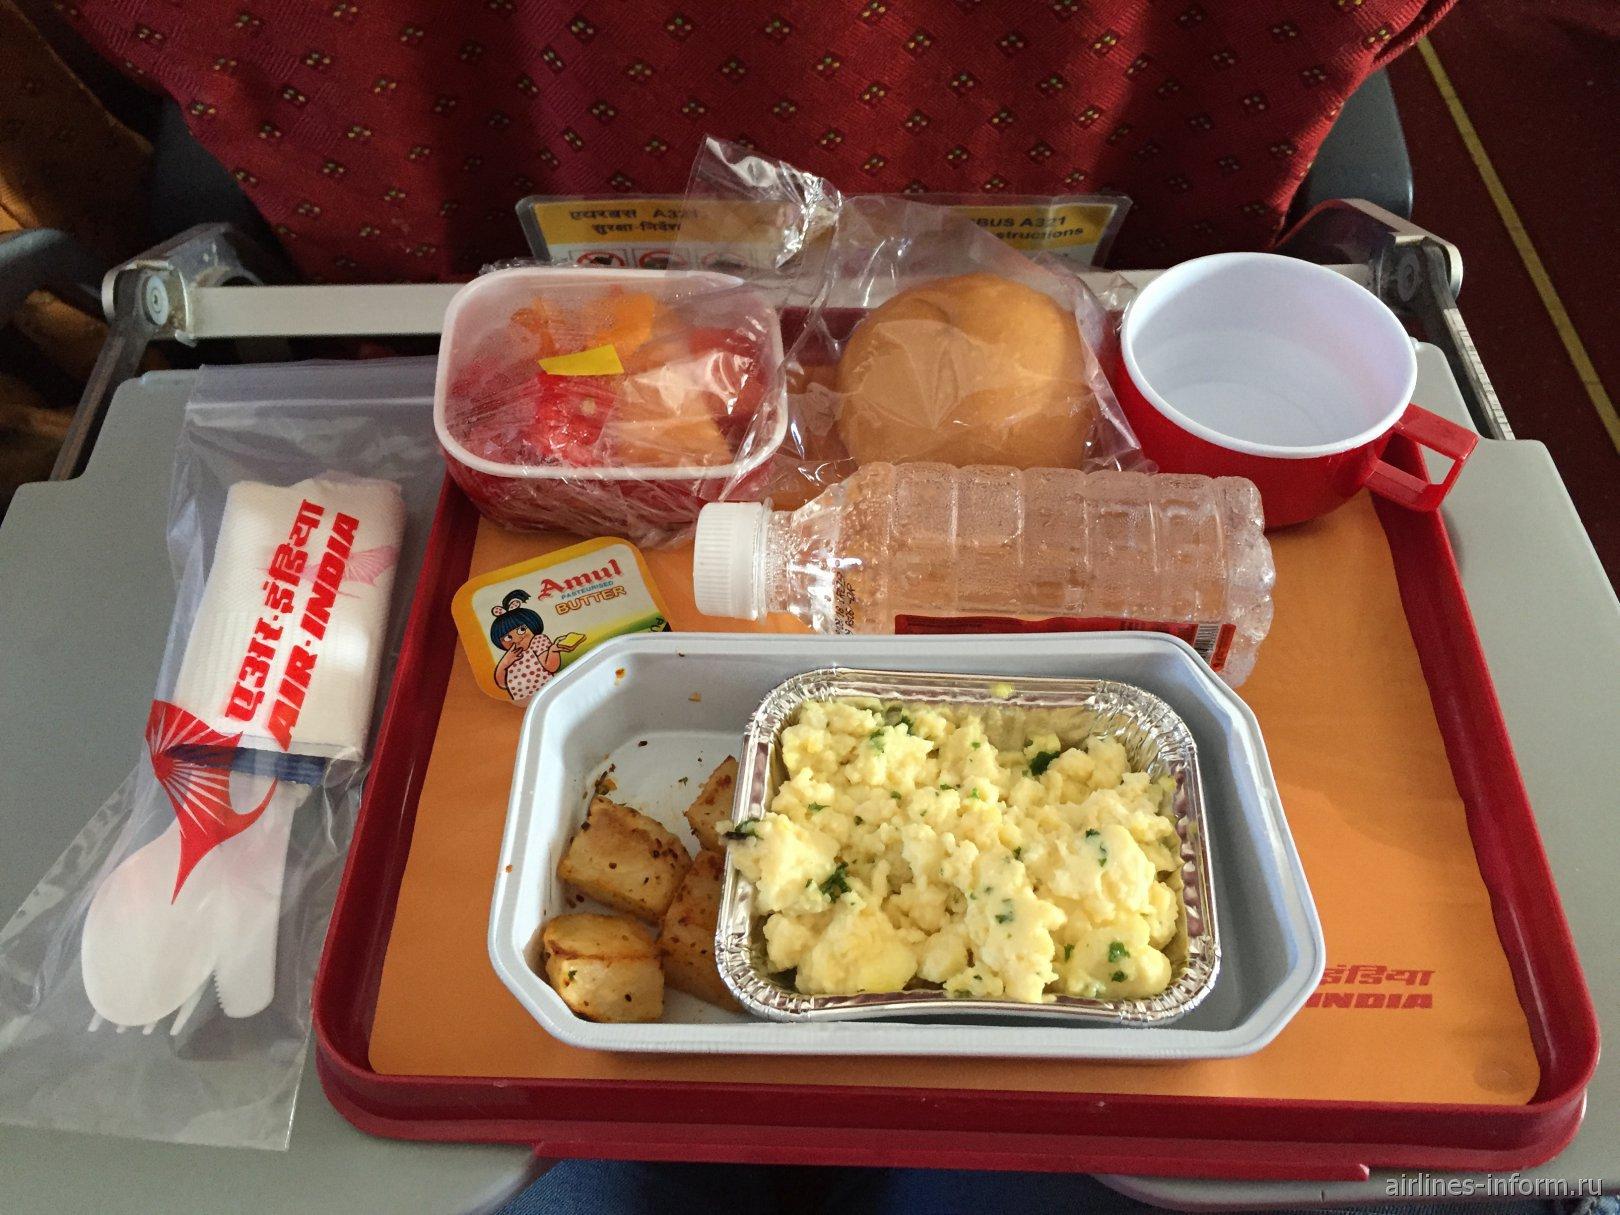 Невеганский завтра на рейсе Air India Коломбо-Дели